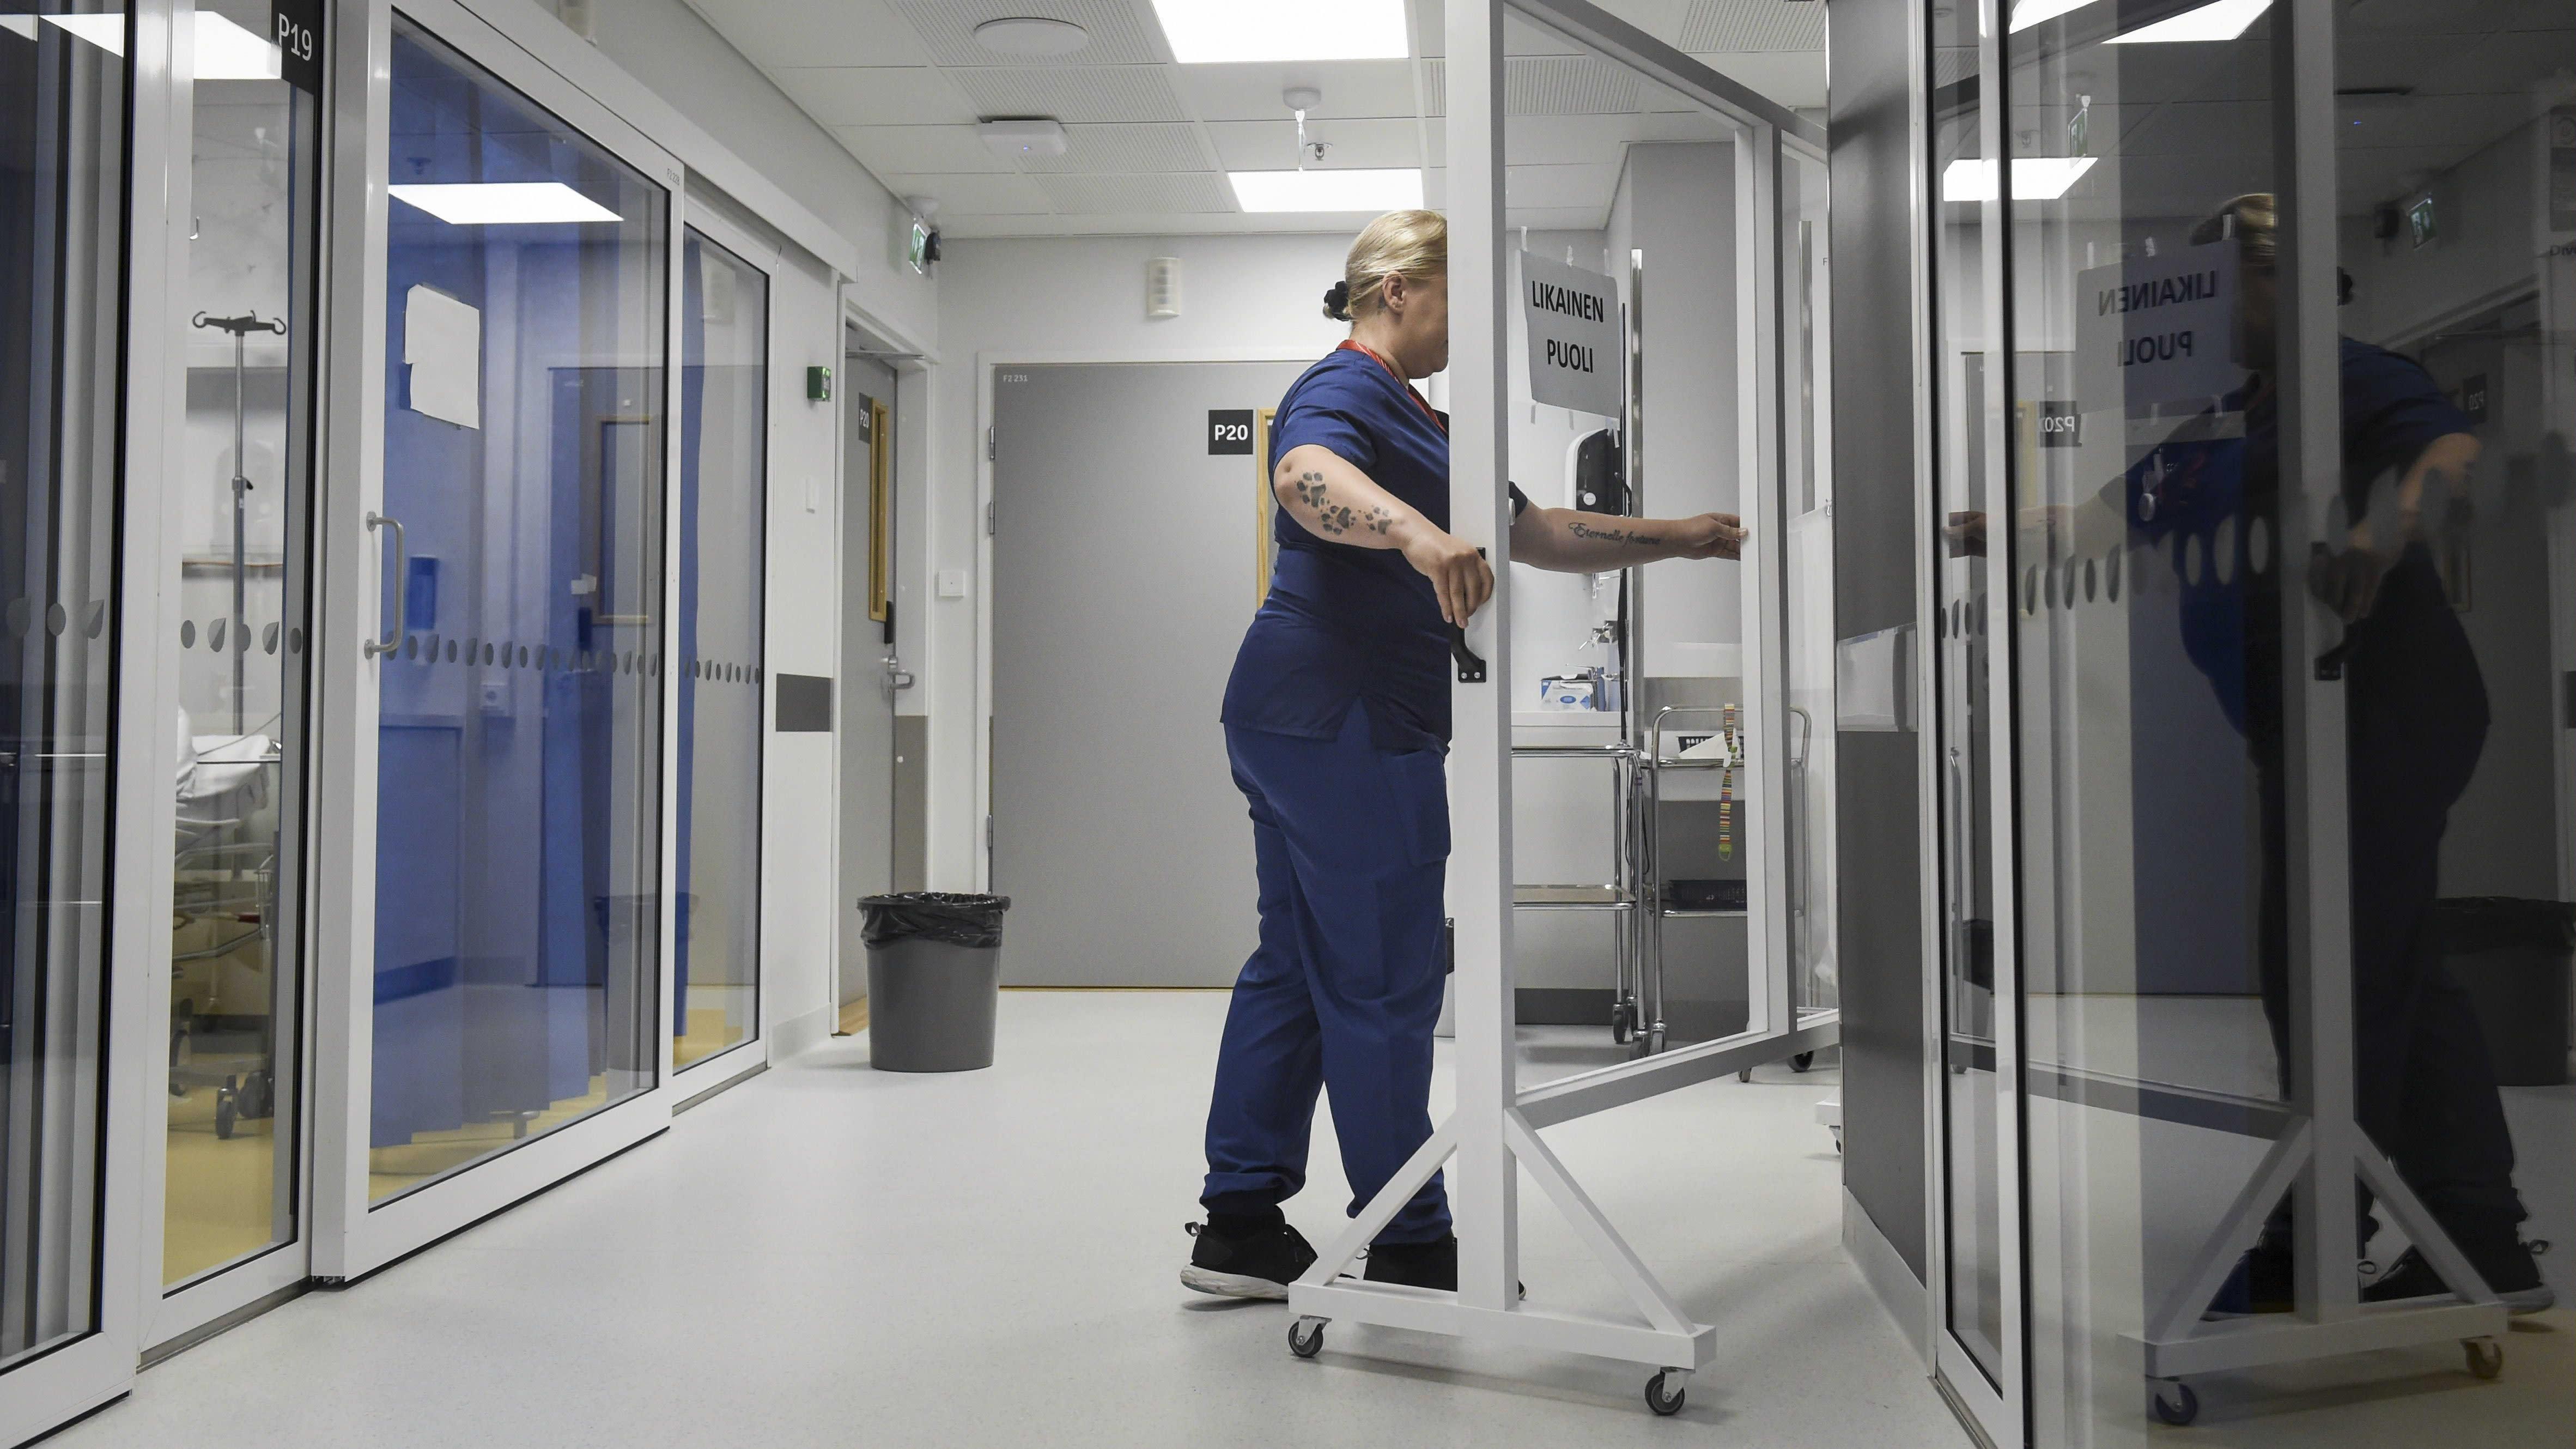 Koronan aikaan tiloja on jaettu muun muassa liikuteltavan sermin avulla Kainuun keskussairaalassa Kajaanissa 8. heinäkuuta.